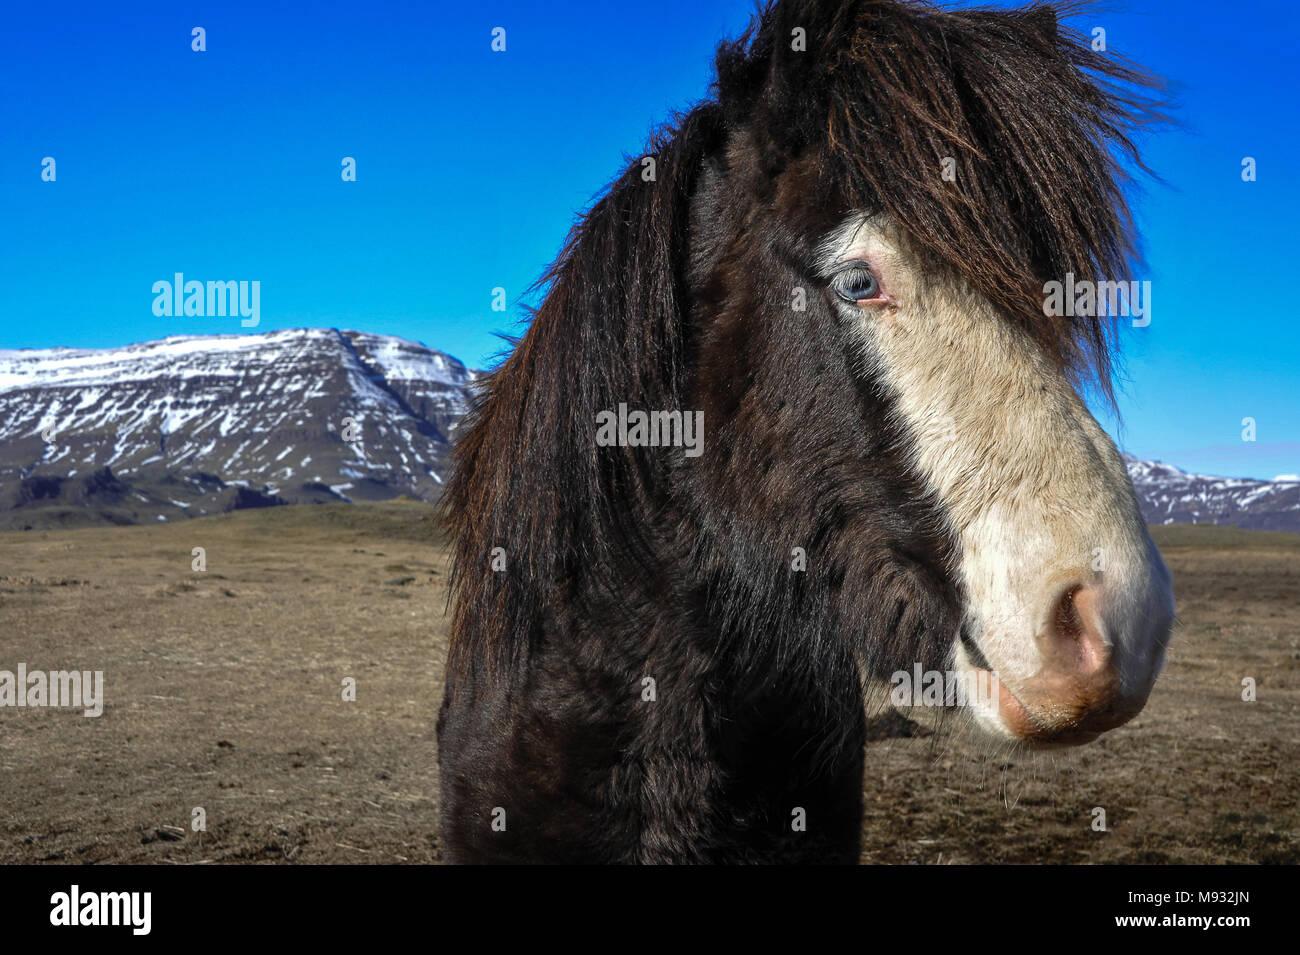 Icelandic horse, beautiful blue eyed chestnut pony in a wintry Icelandic landscape. - Stock Image